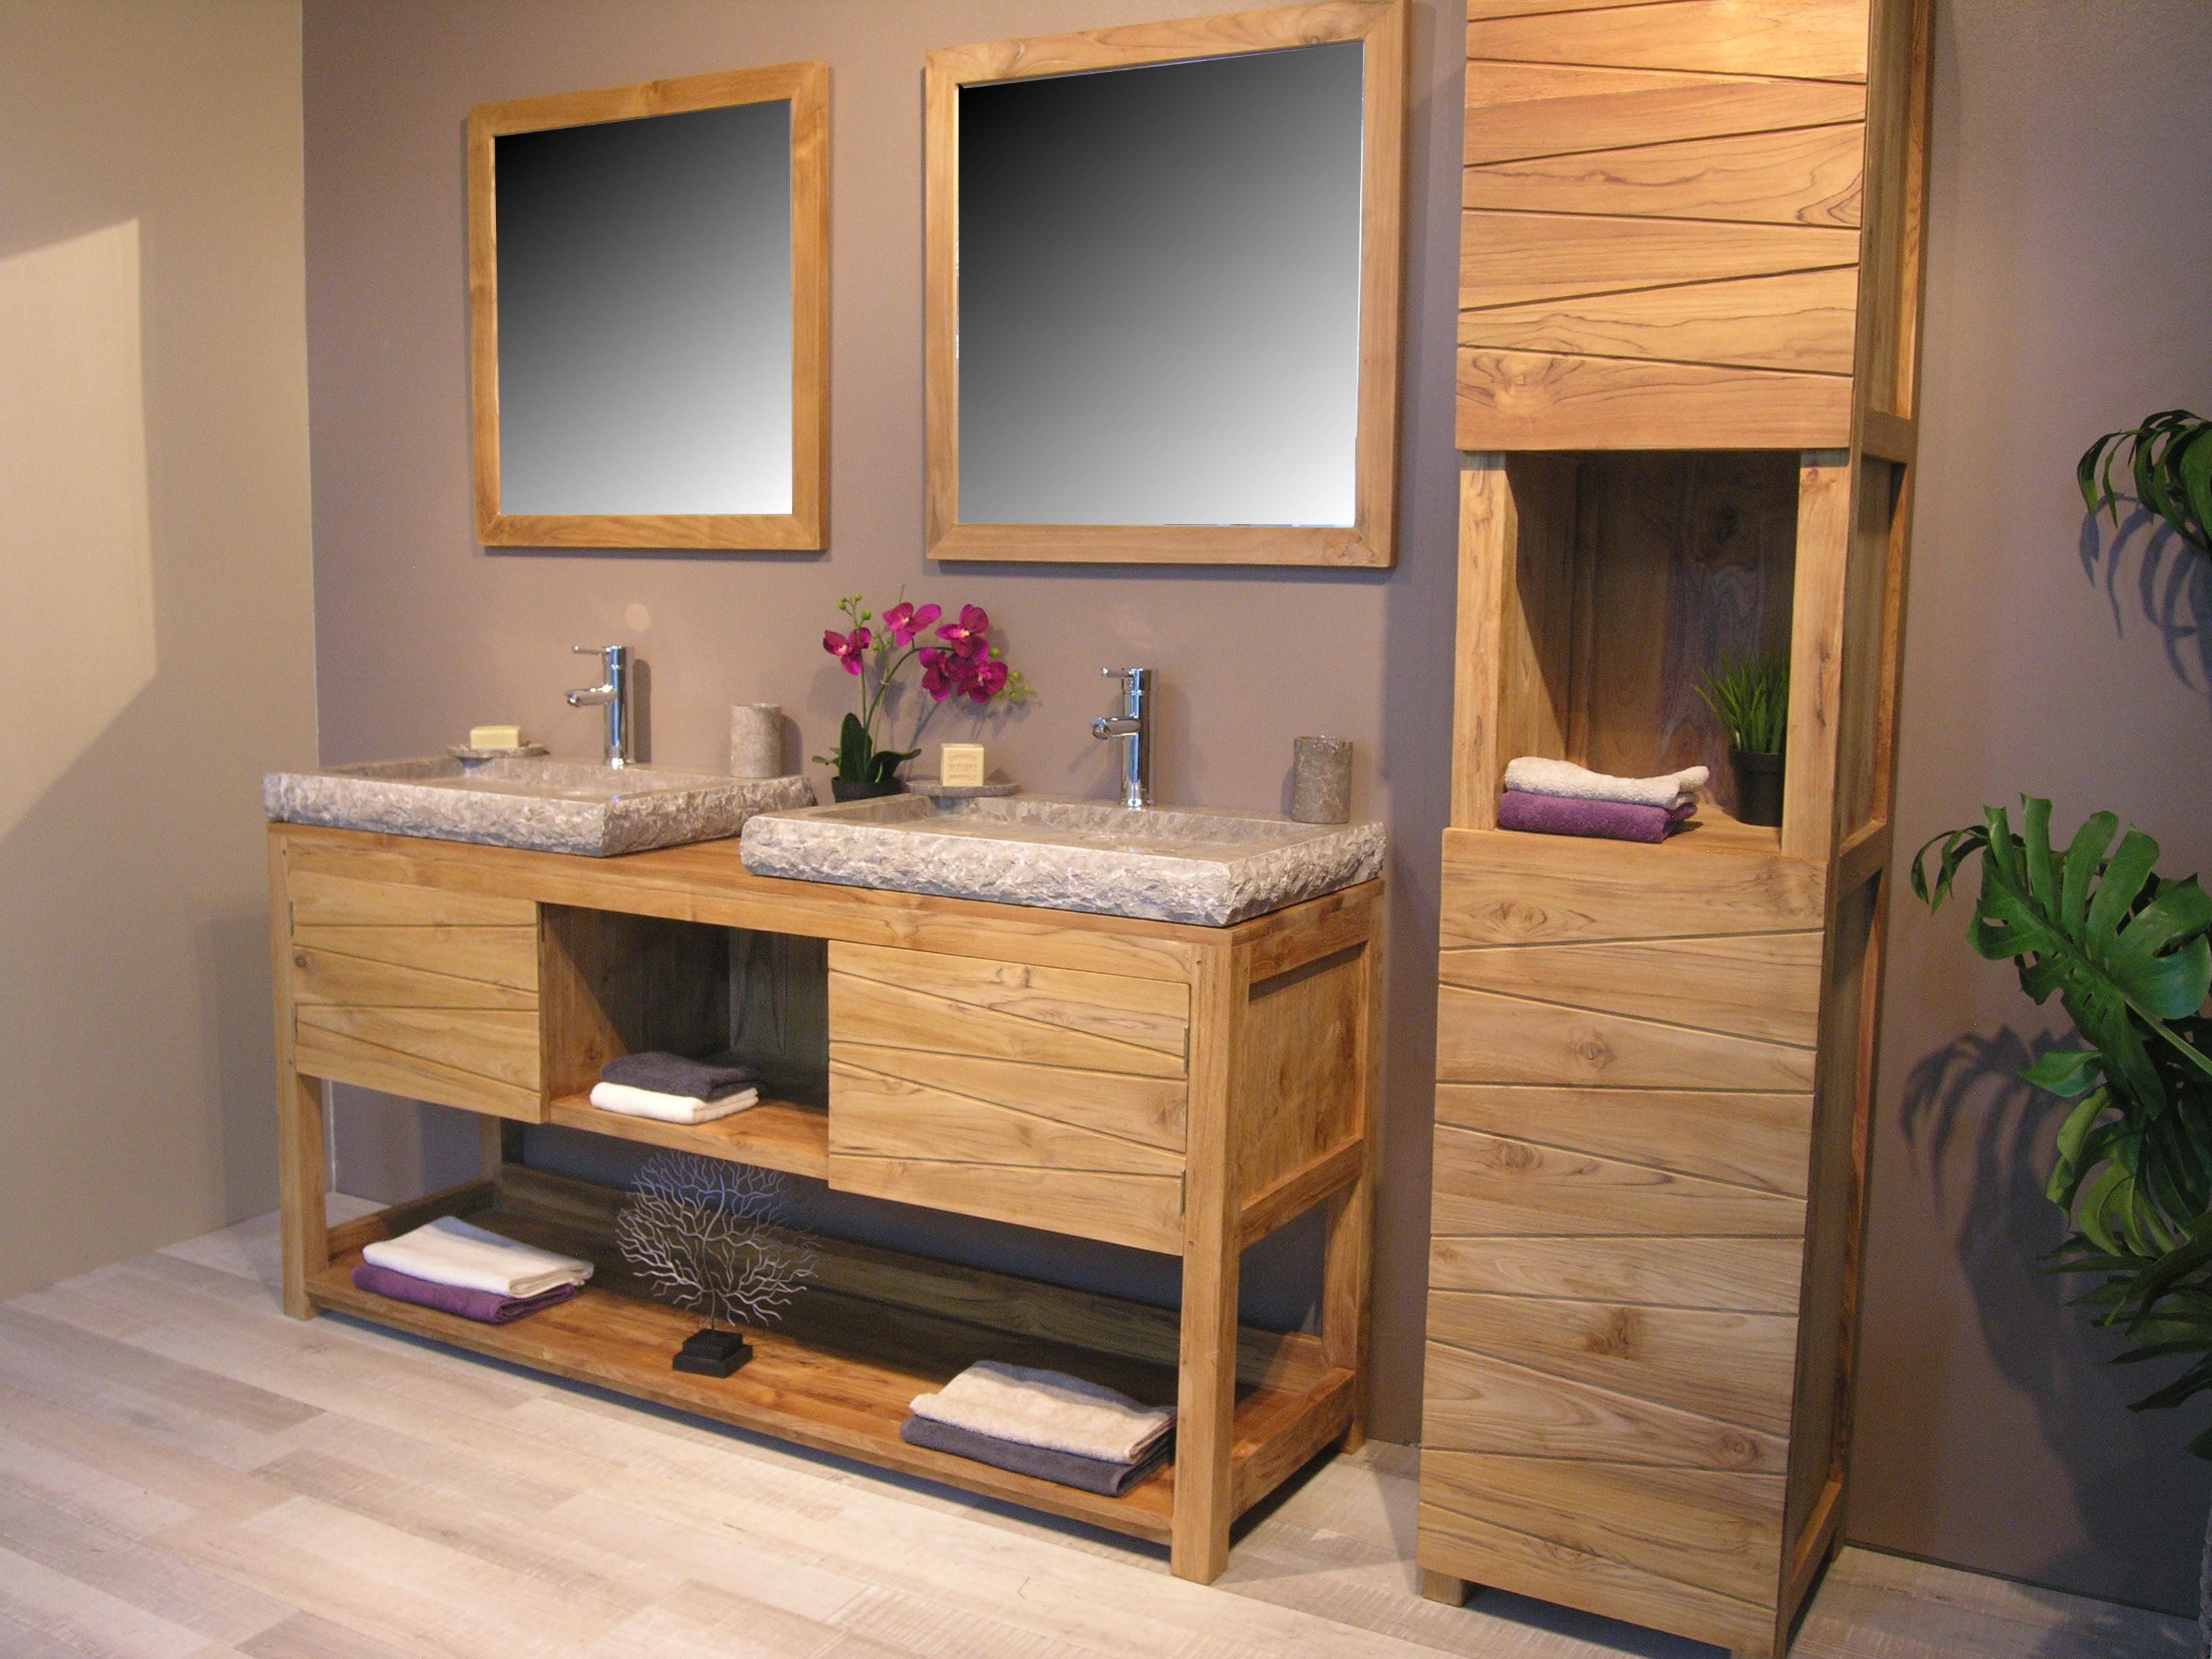 Fabriquer Meuble Salle De Bain Pas Cher Élégant Galerie Meuble De Sdb but Mr Bricolage Bureau Blanc